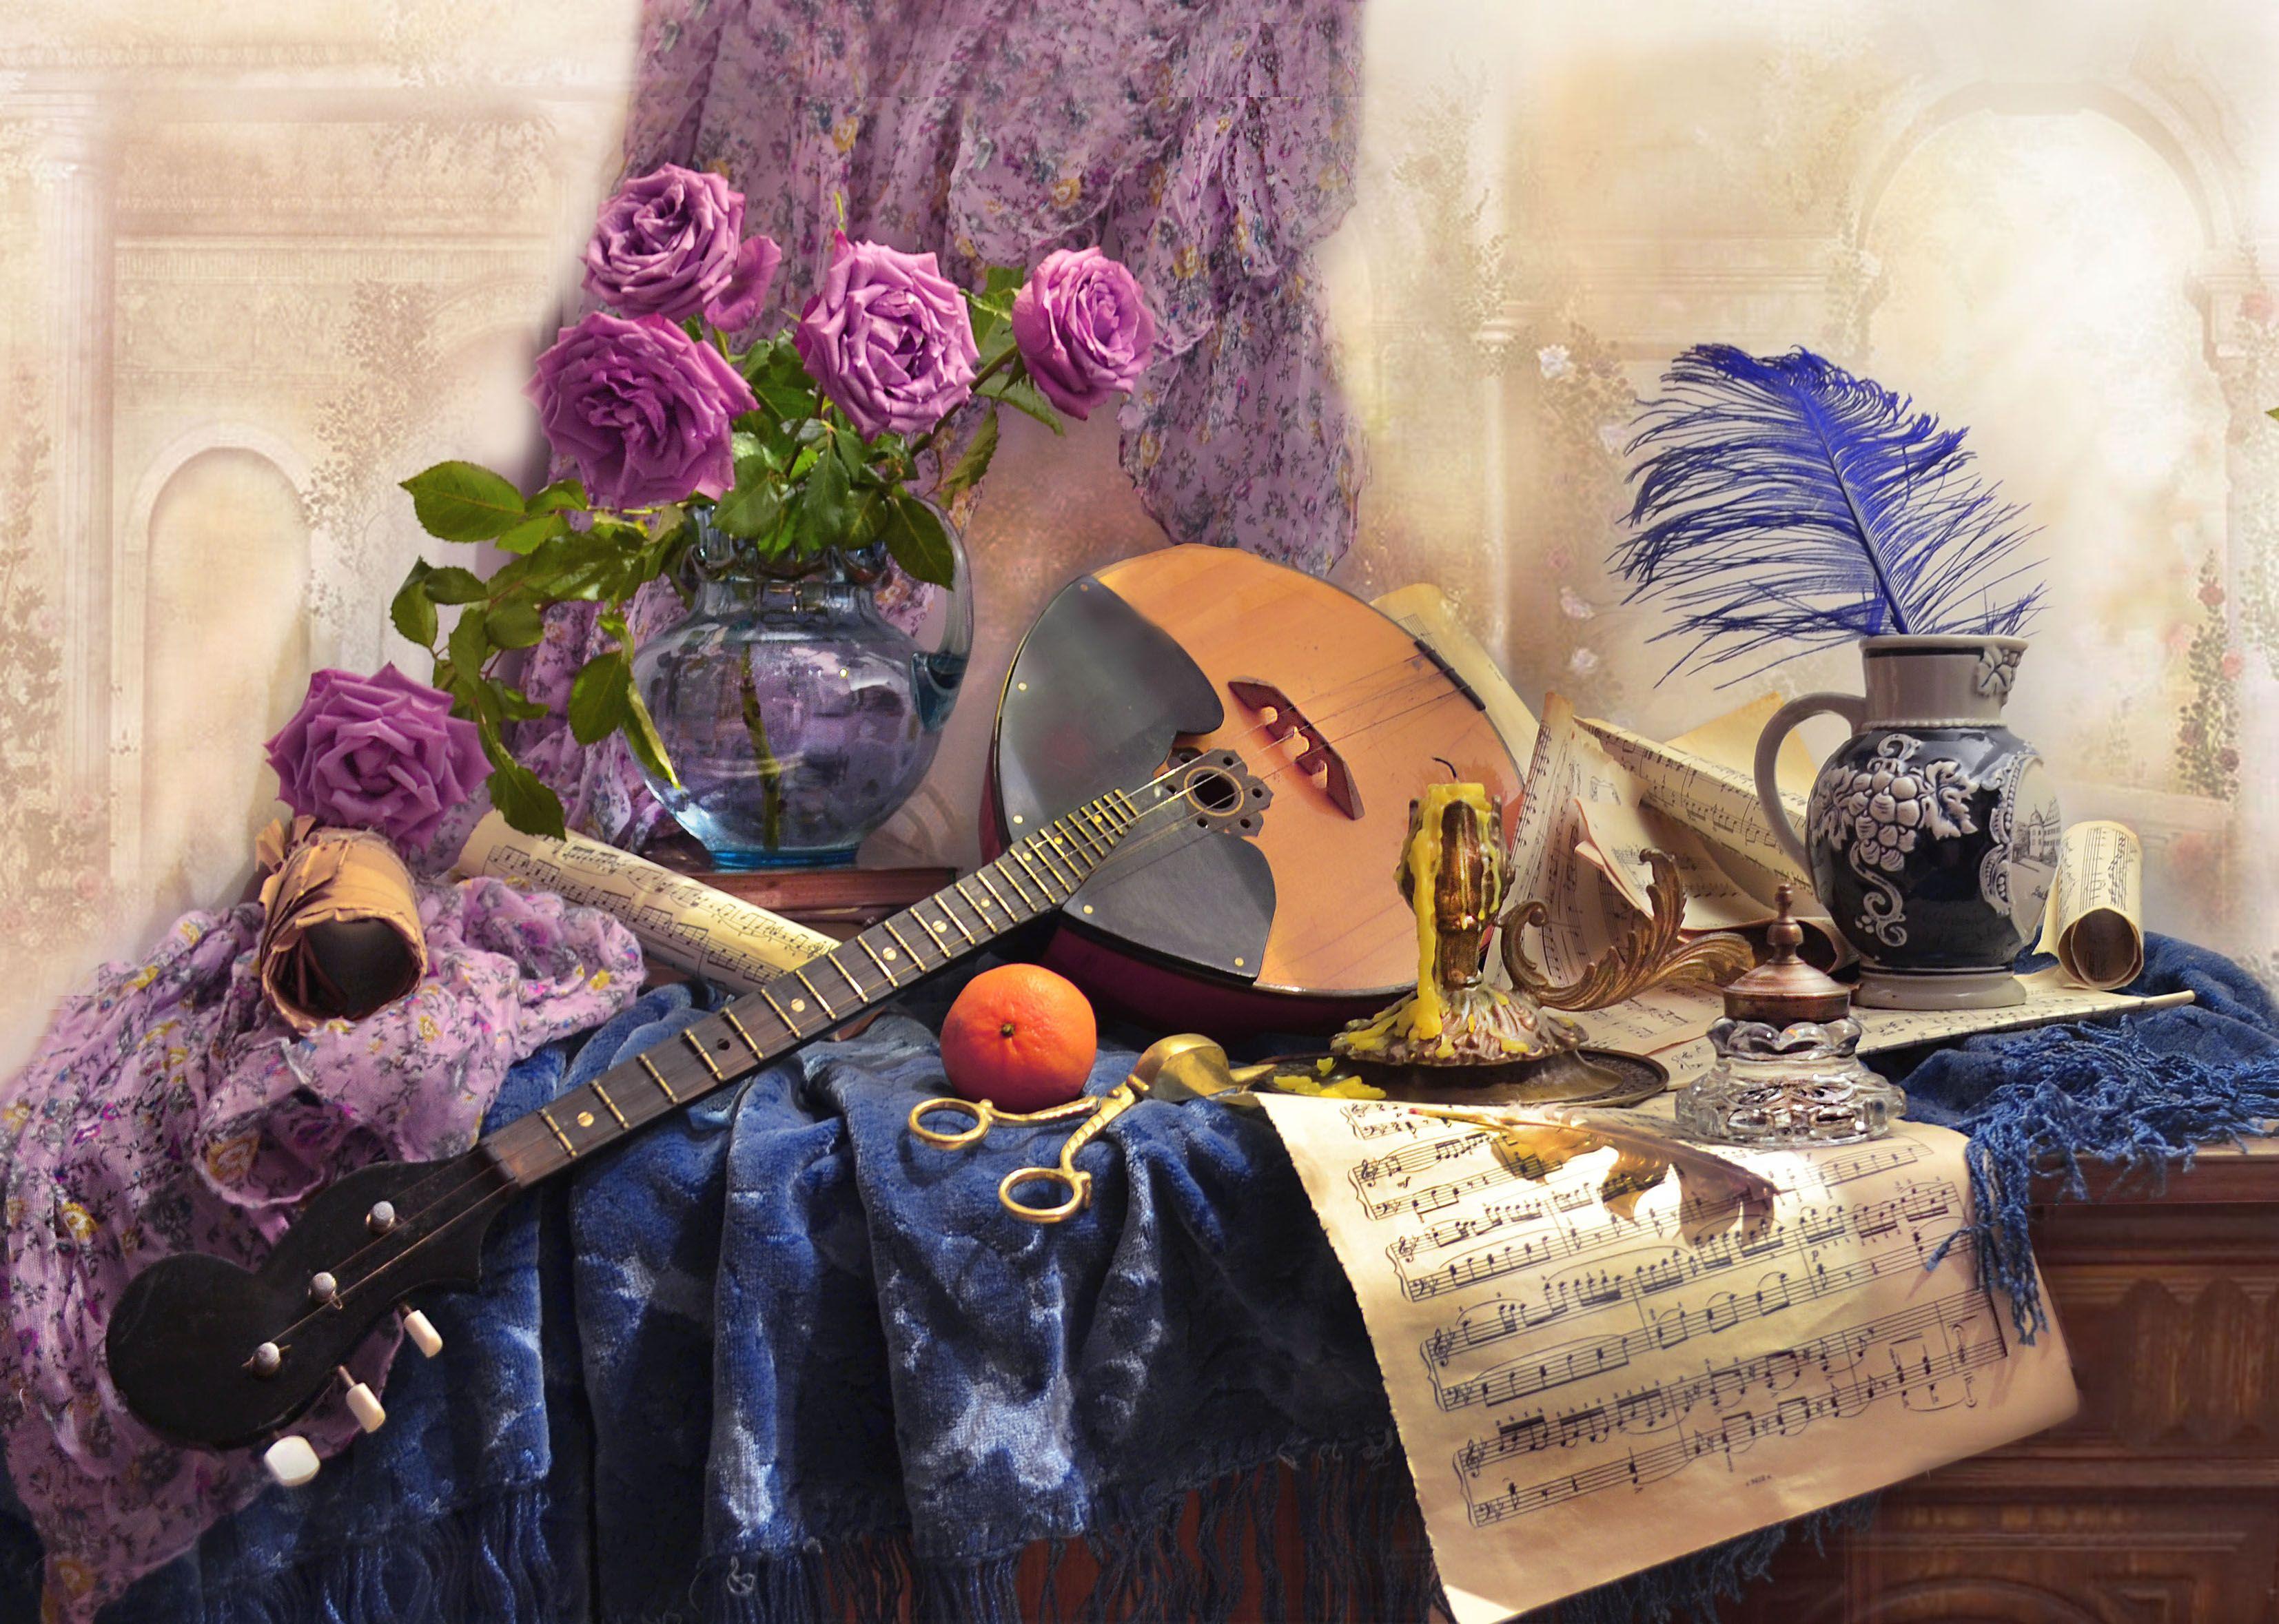 still life,натюрморт,цветы, фото натюрморт,  весна, апрель,  розы, домра, подсвечник, перо, чернильница, книги, свеча, ноты,, Колова Валентина